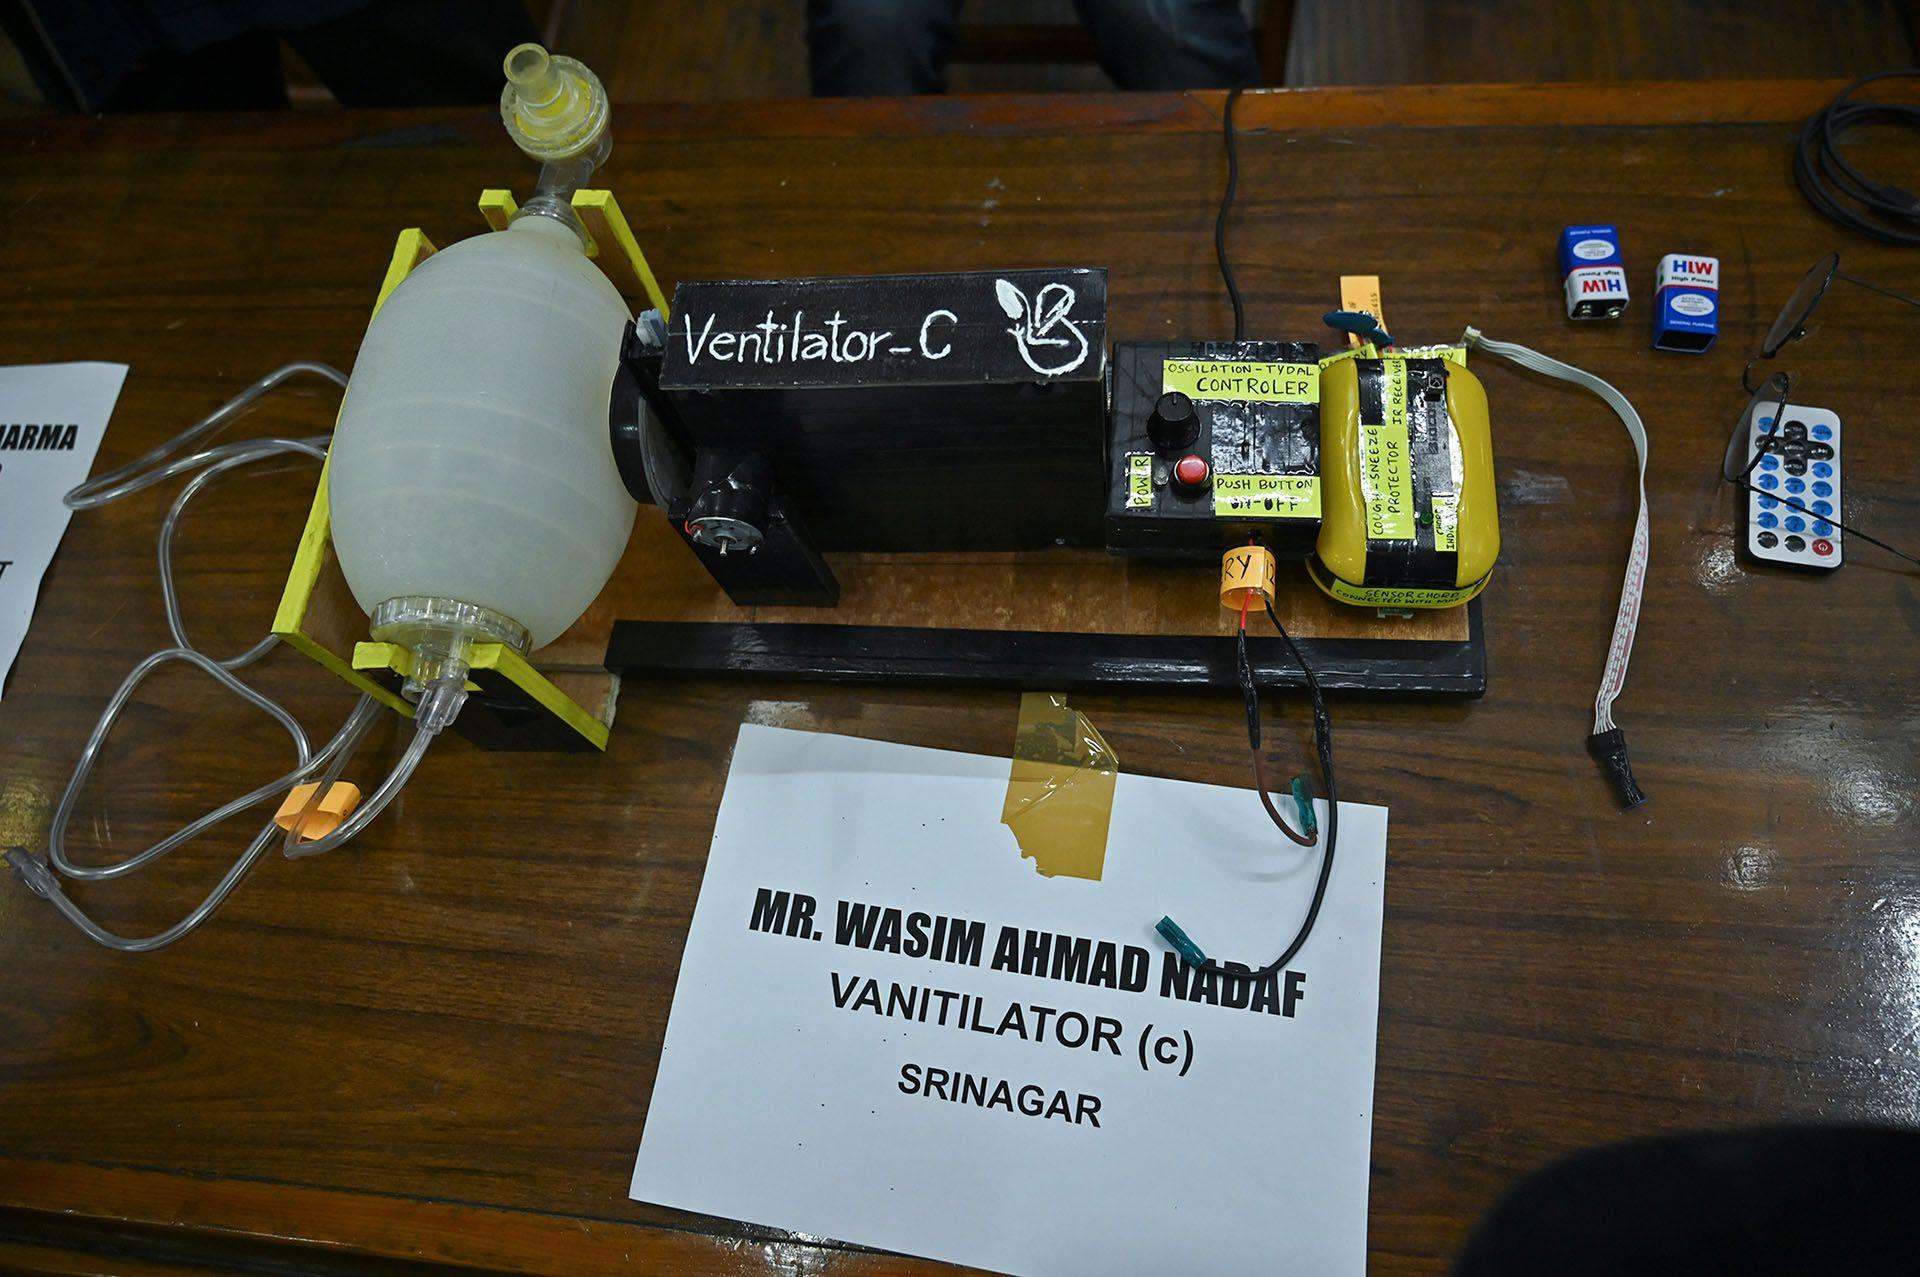 """Un prototipo de ventilador expuesto durante el """"Desafío de Innovación Abierta COVID-19"""" organizado por el Centro de Innovación, Incubación y Desarrollo Empresarial (IIED) de Srinagar, donde los estudiantes mostraron sus inventos de equipos médicos el 23 de abril de 2020. (Foto de Tauseef MUSTAFA / AFP)"""